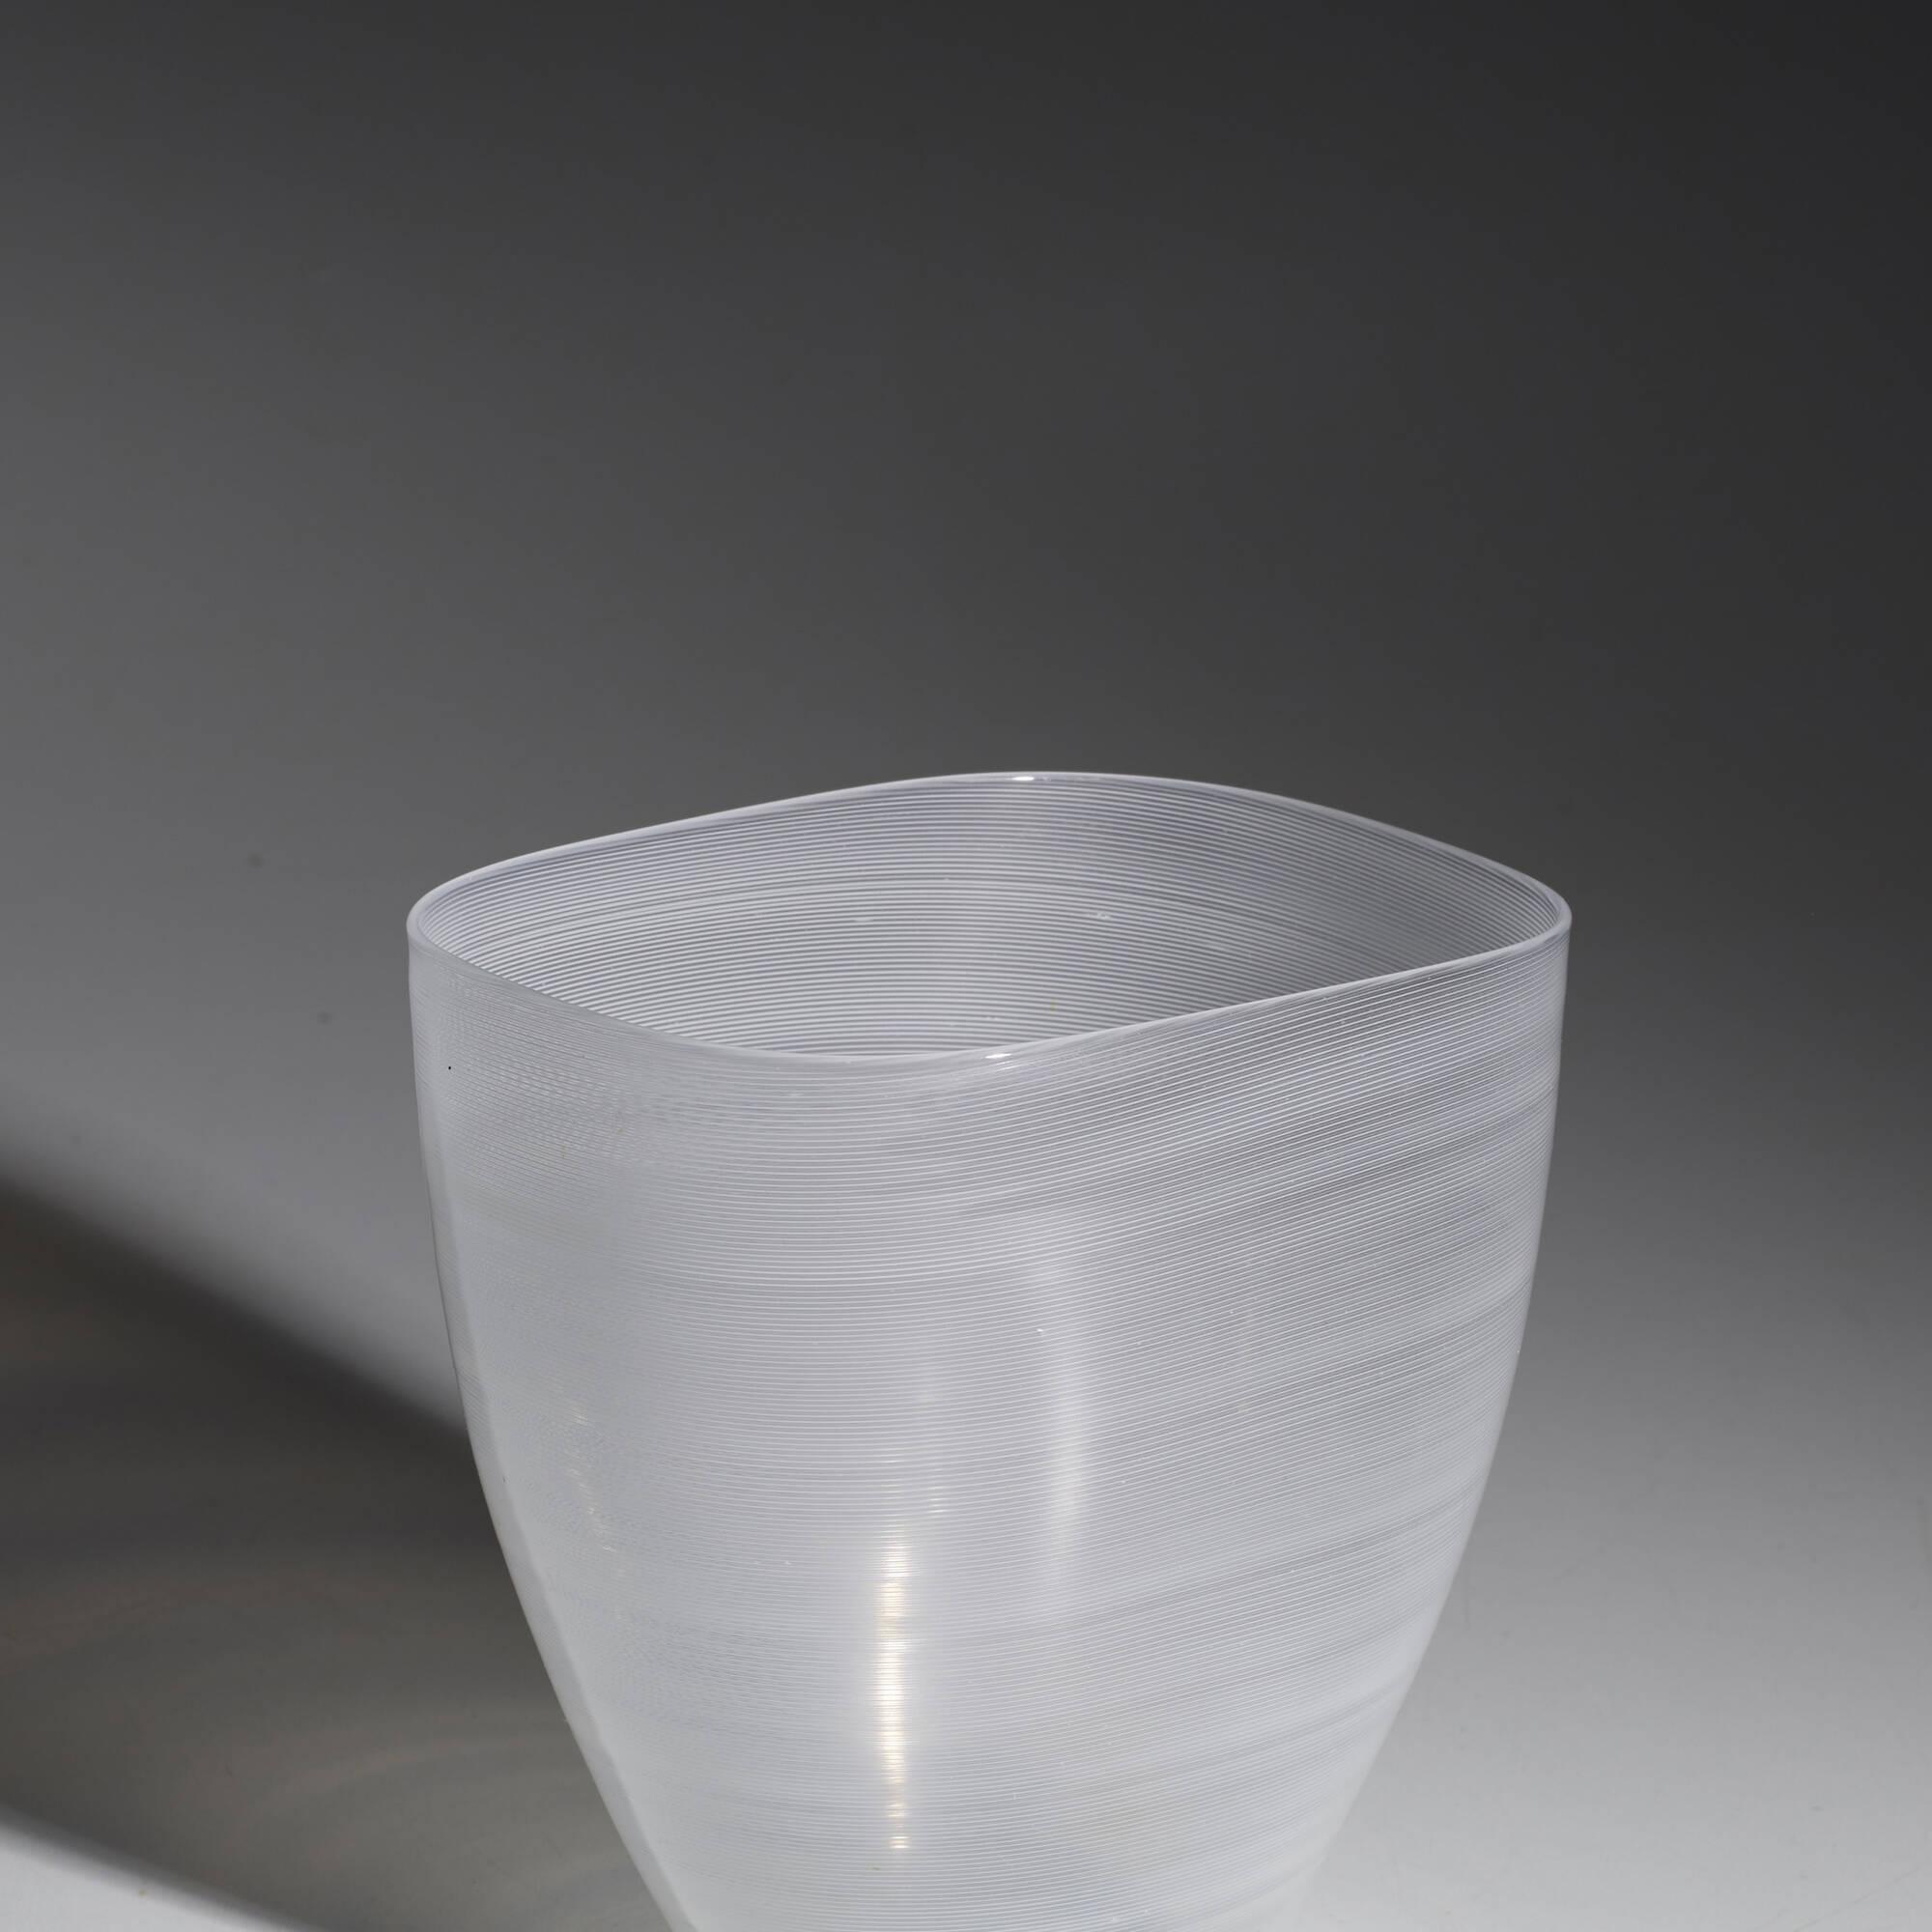 123 carlo scarpa mezza filigrana vase model 3545 important 123 carlo scarpa mezza filigrana vase model 3545 2 of 3 floridaeventfo Image collections